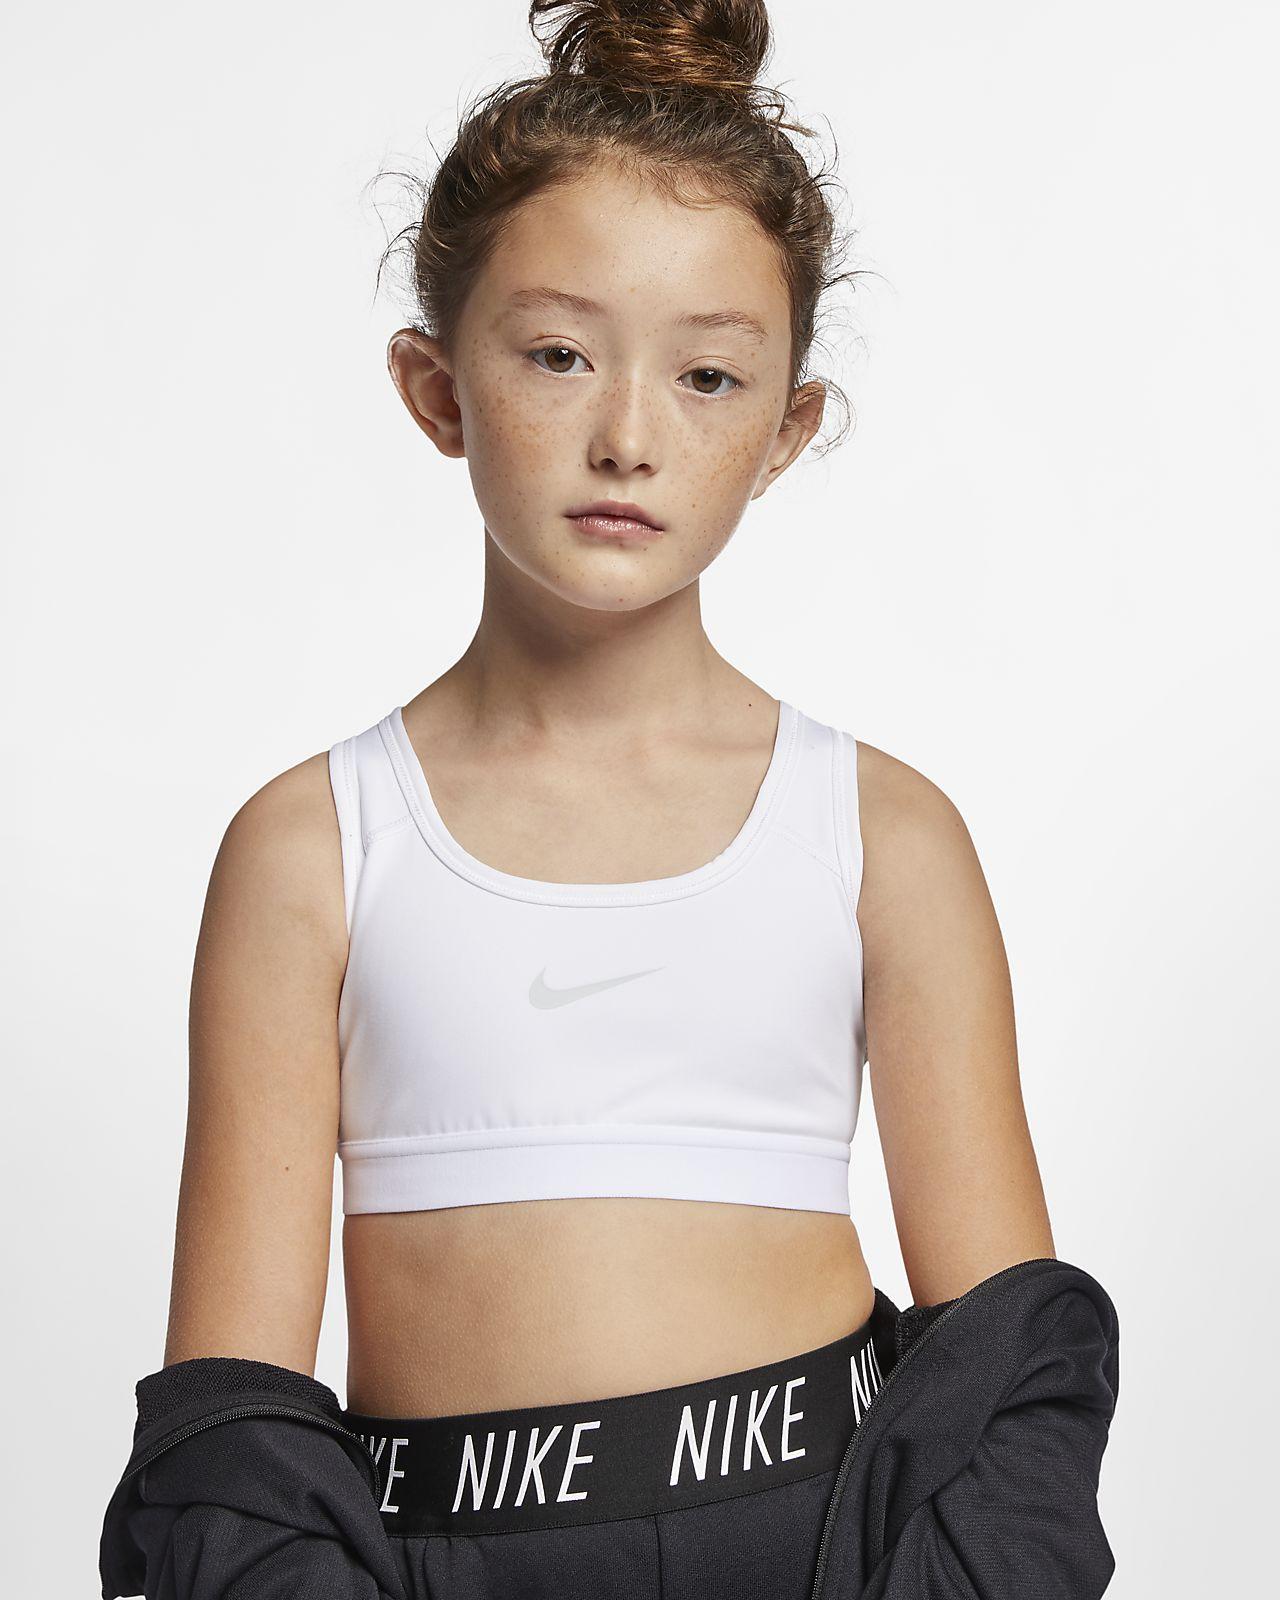 Αθλητικός στηθόδεσμος Nike για μεγάλα κορίτσια